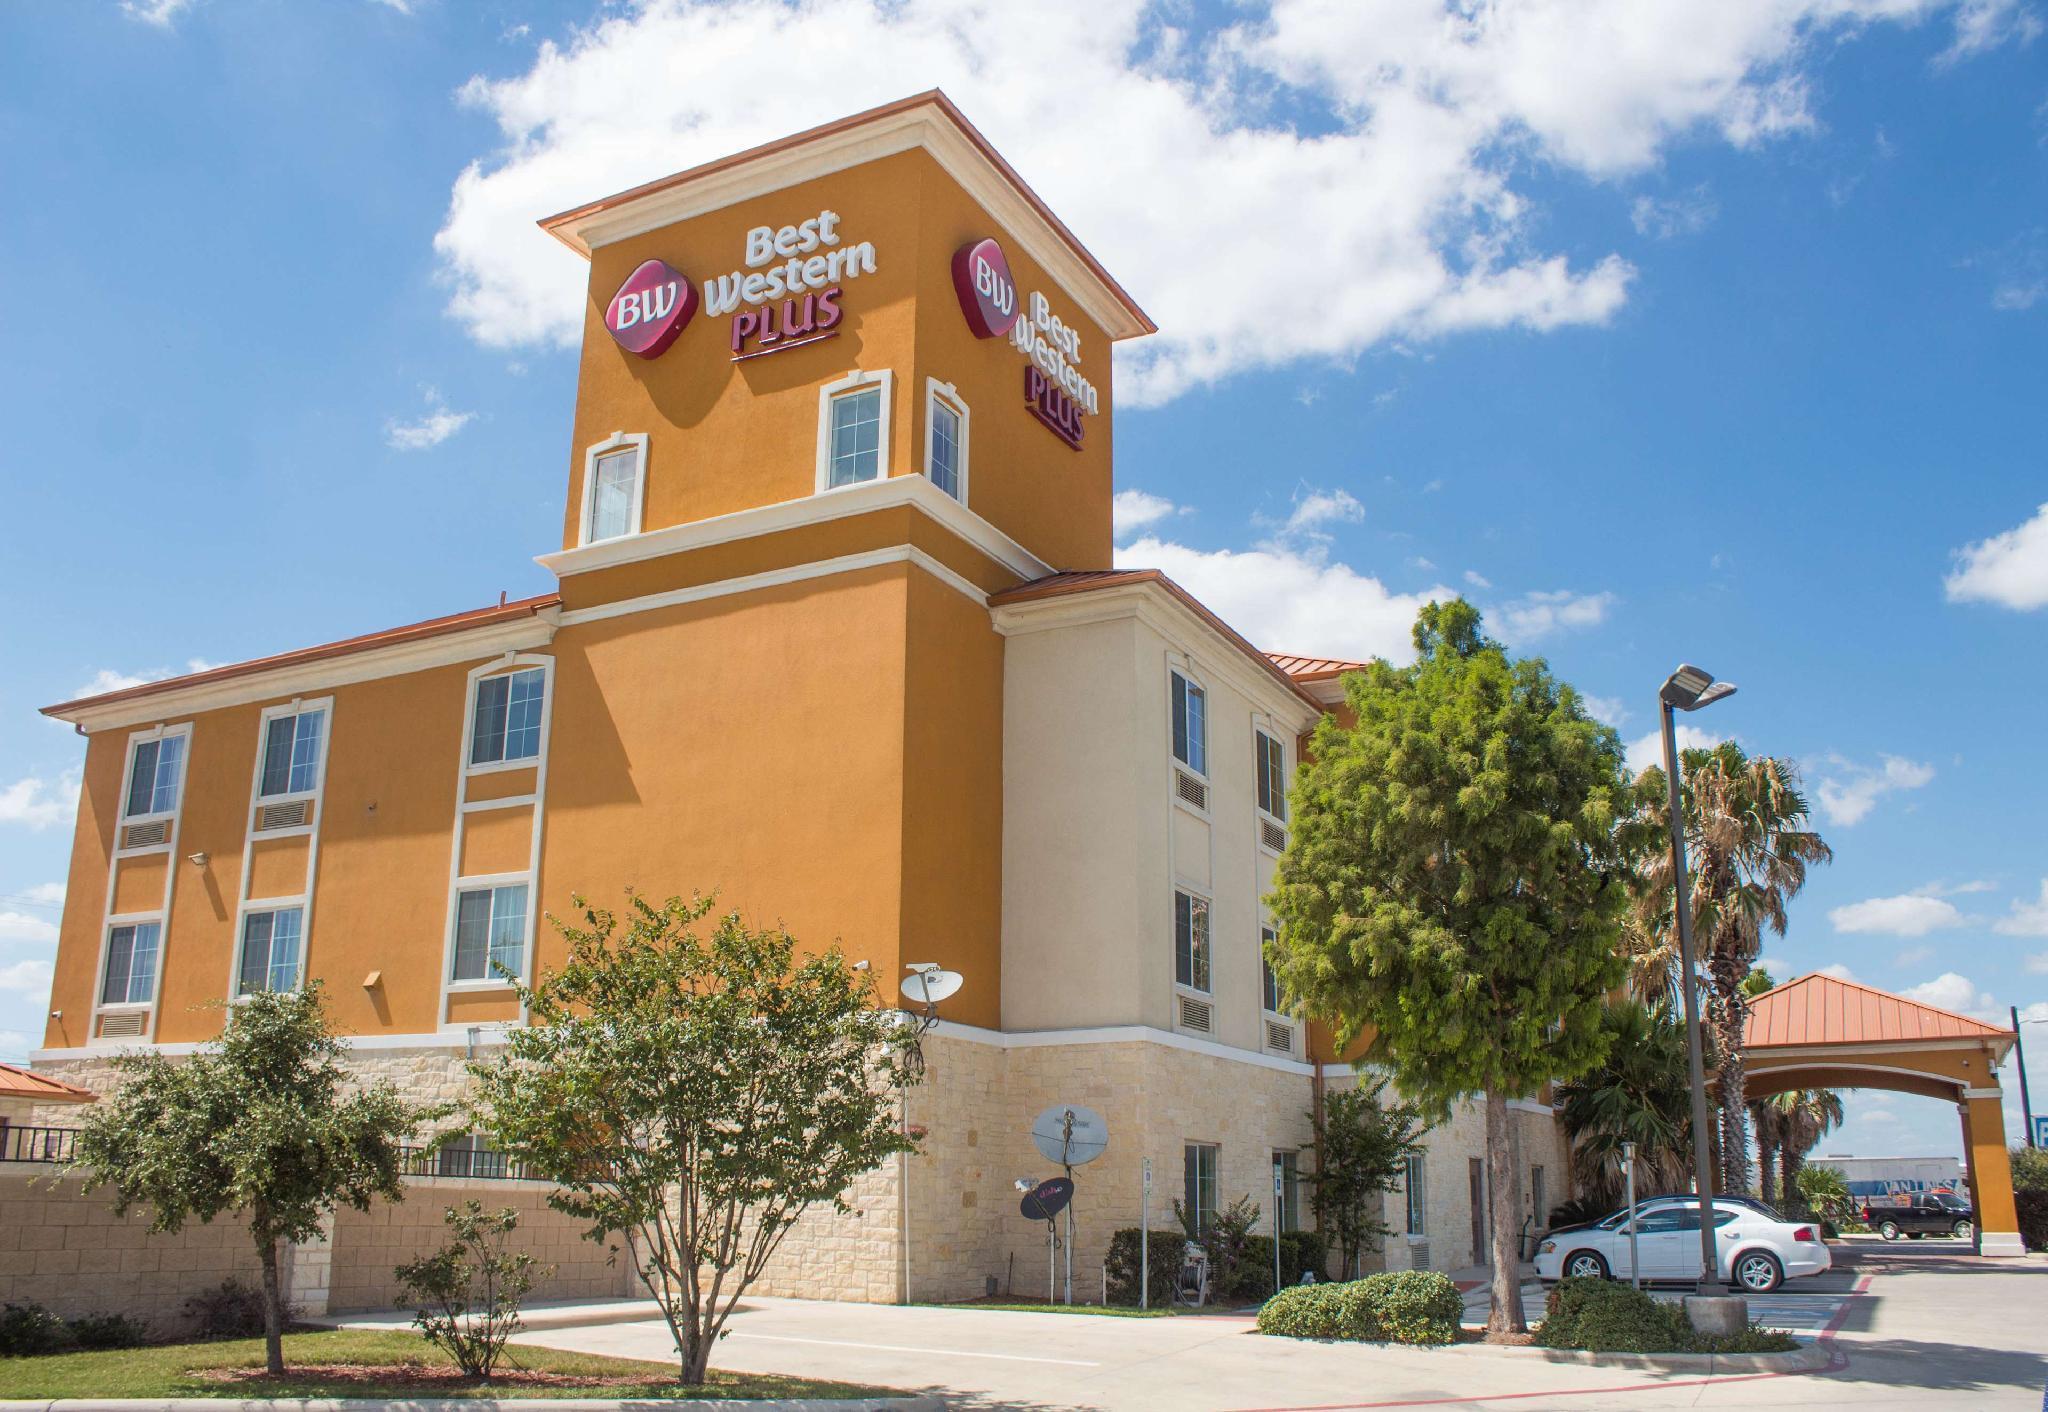 Best Western Plus San Antonio East Inn And Suites